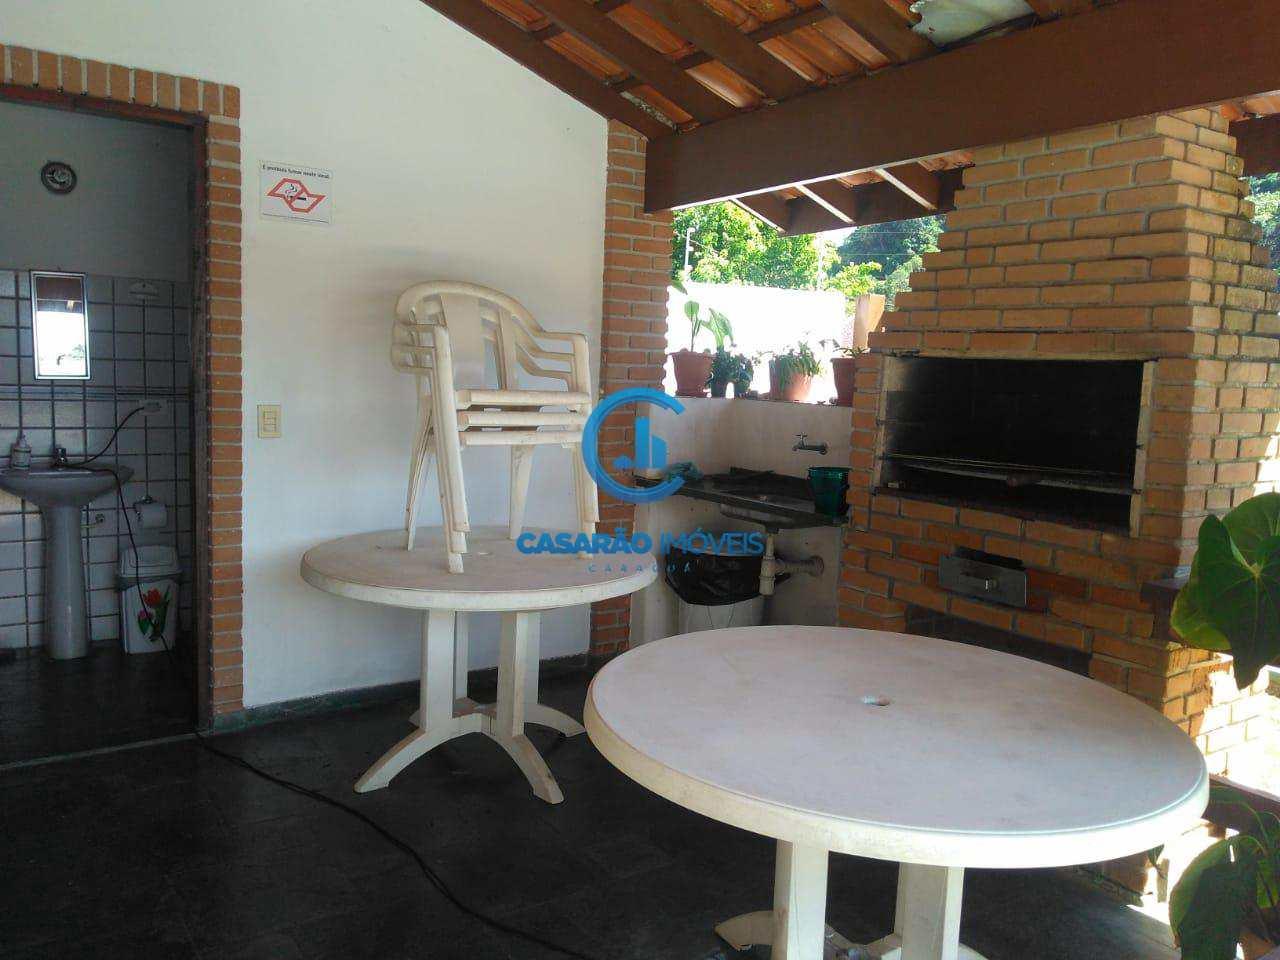 Sobrado de Condomínio com 2 dorms, Prainha, Caraguatatuba - R$ 290 mil, Cod: 9088